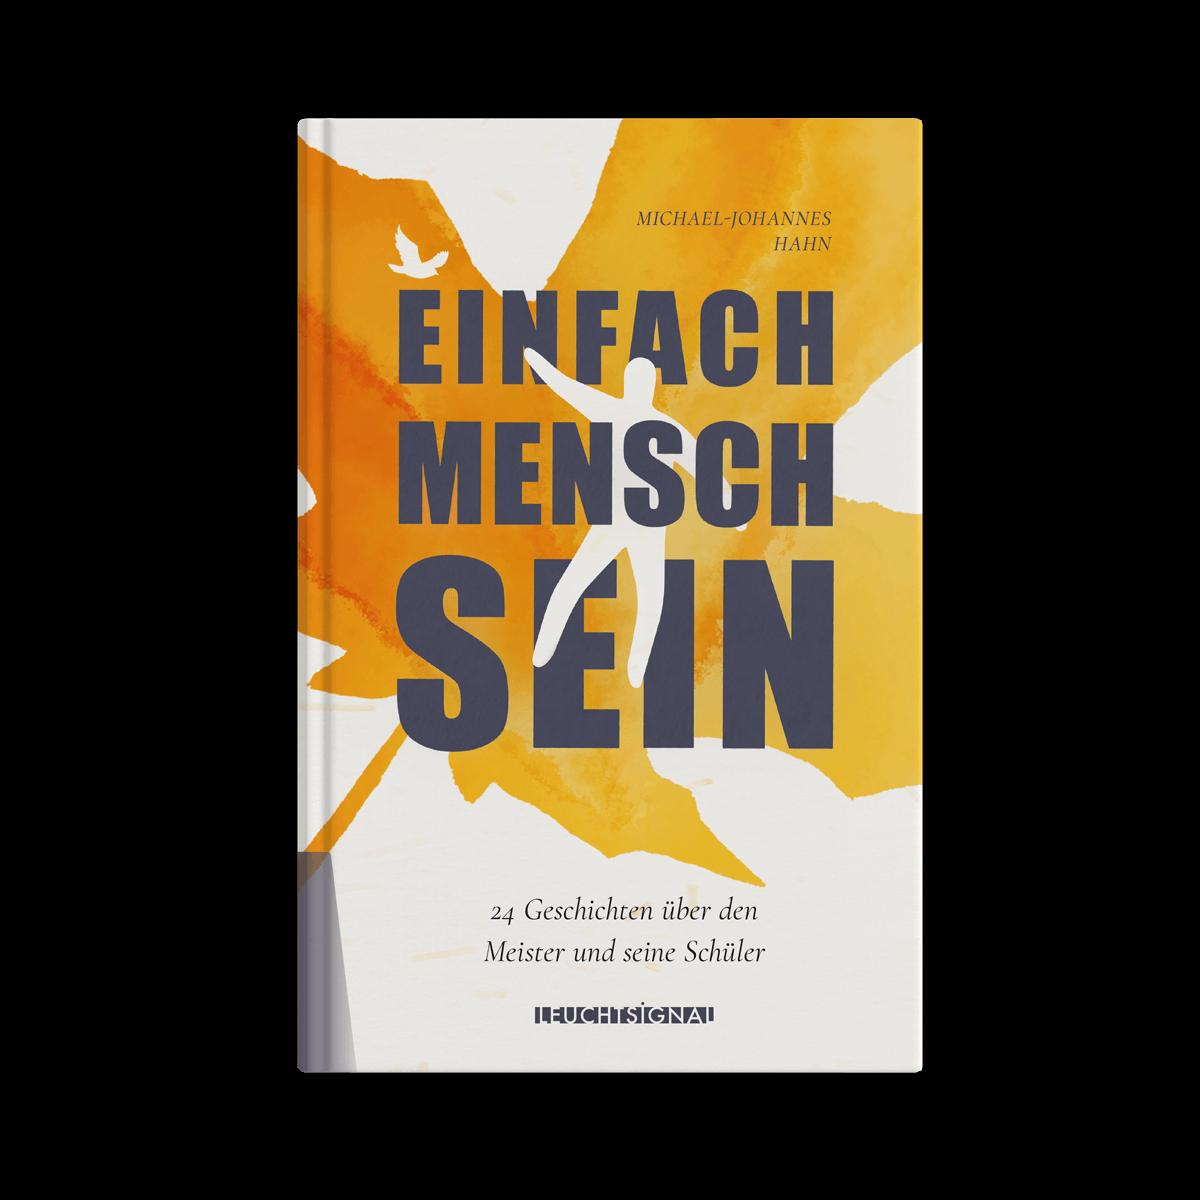 mockup_einfach-mensch-sein_shadow